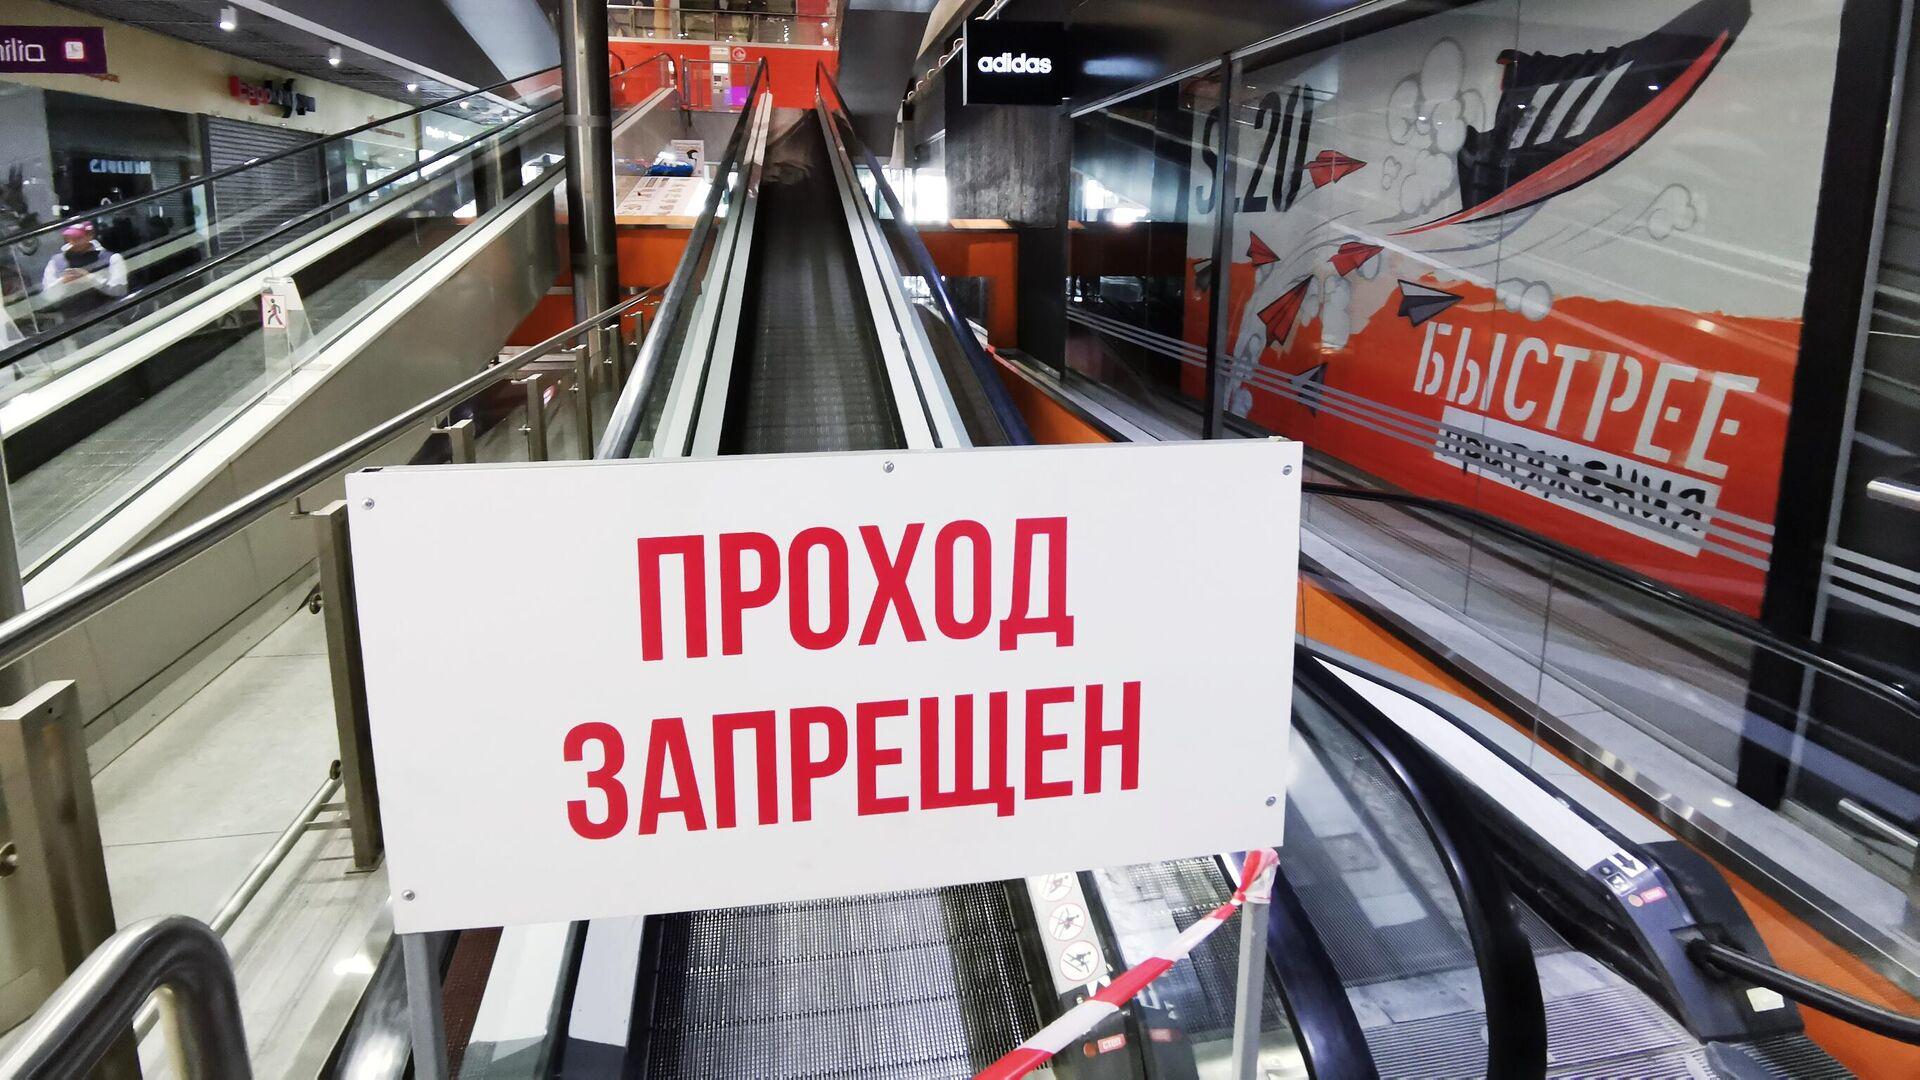 Табличка Проход запрещен на эскалаторе в торговом центре Город в Москве - РИА Новости, 1920, 30.09.2020